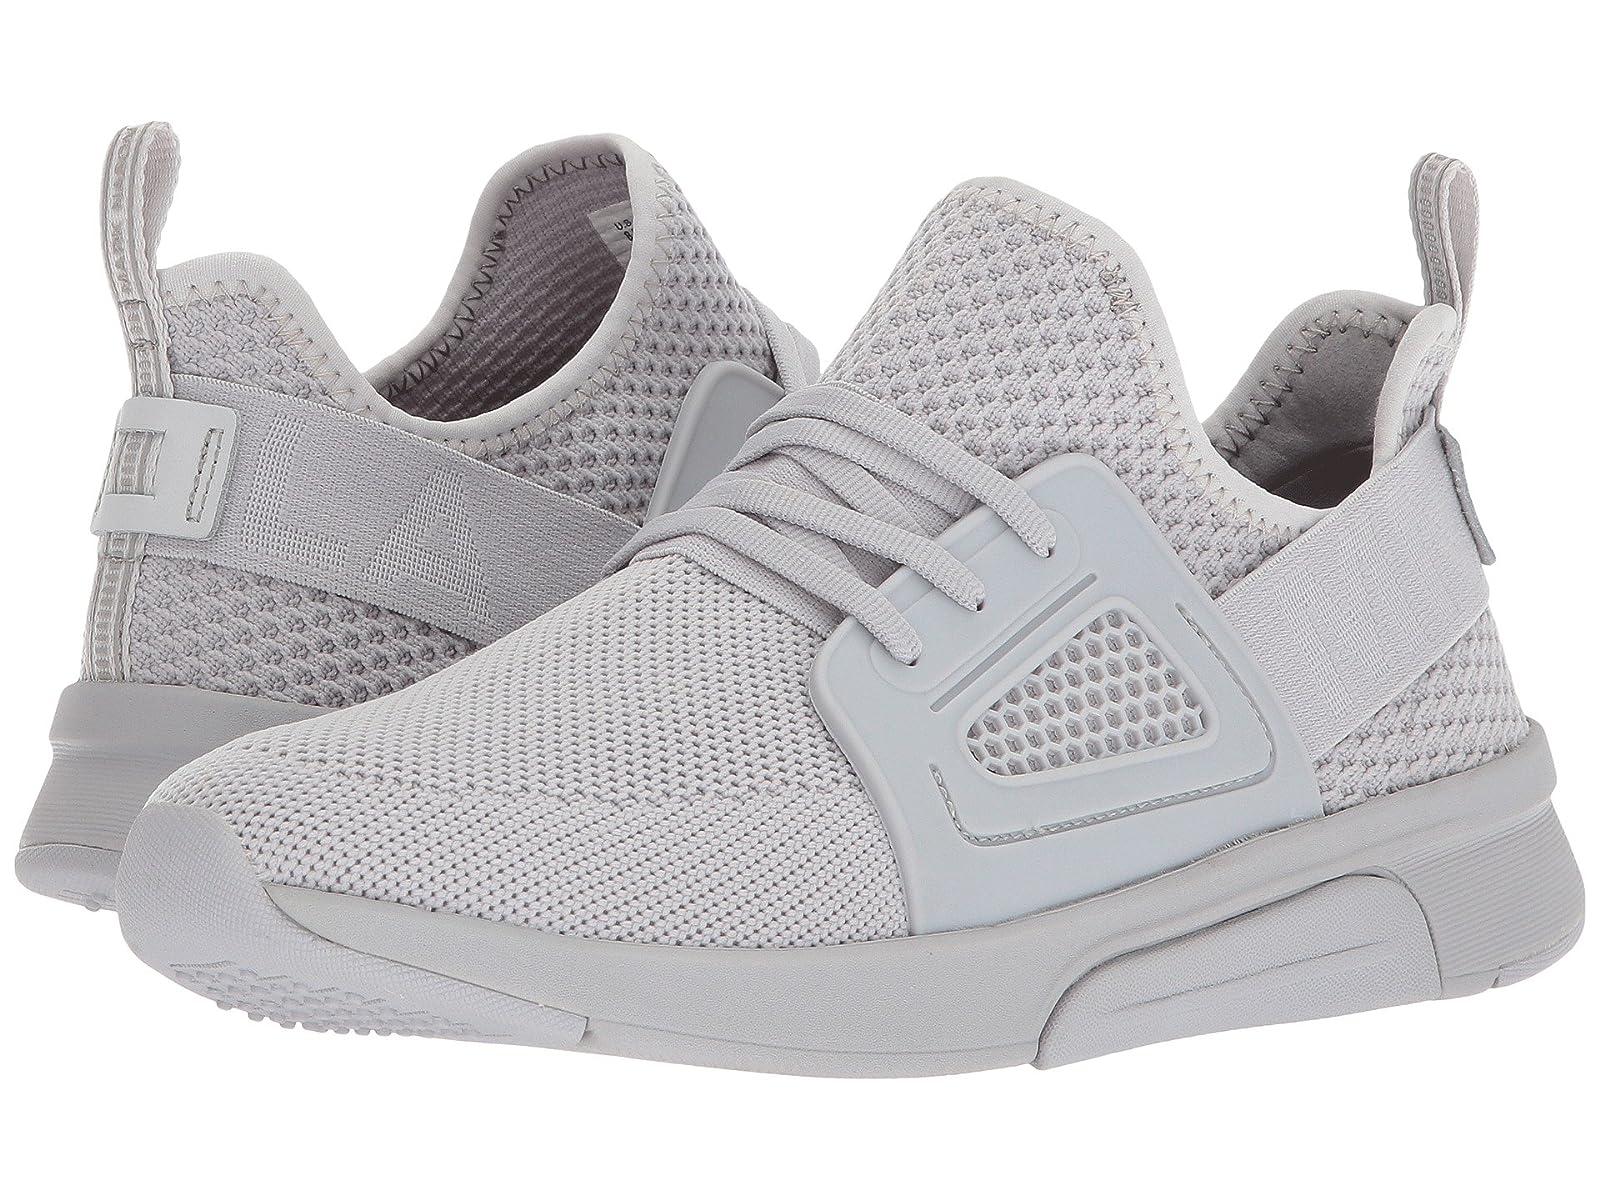 Mark Nason Modern Jogger - DullesCheap and distinctive eye-catching shoes